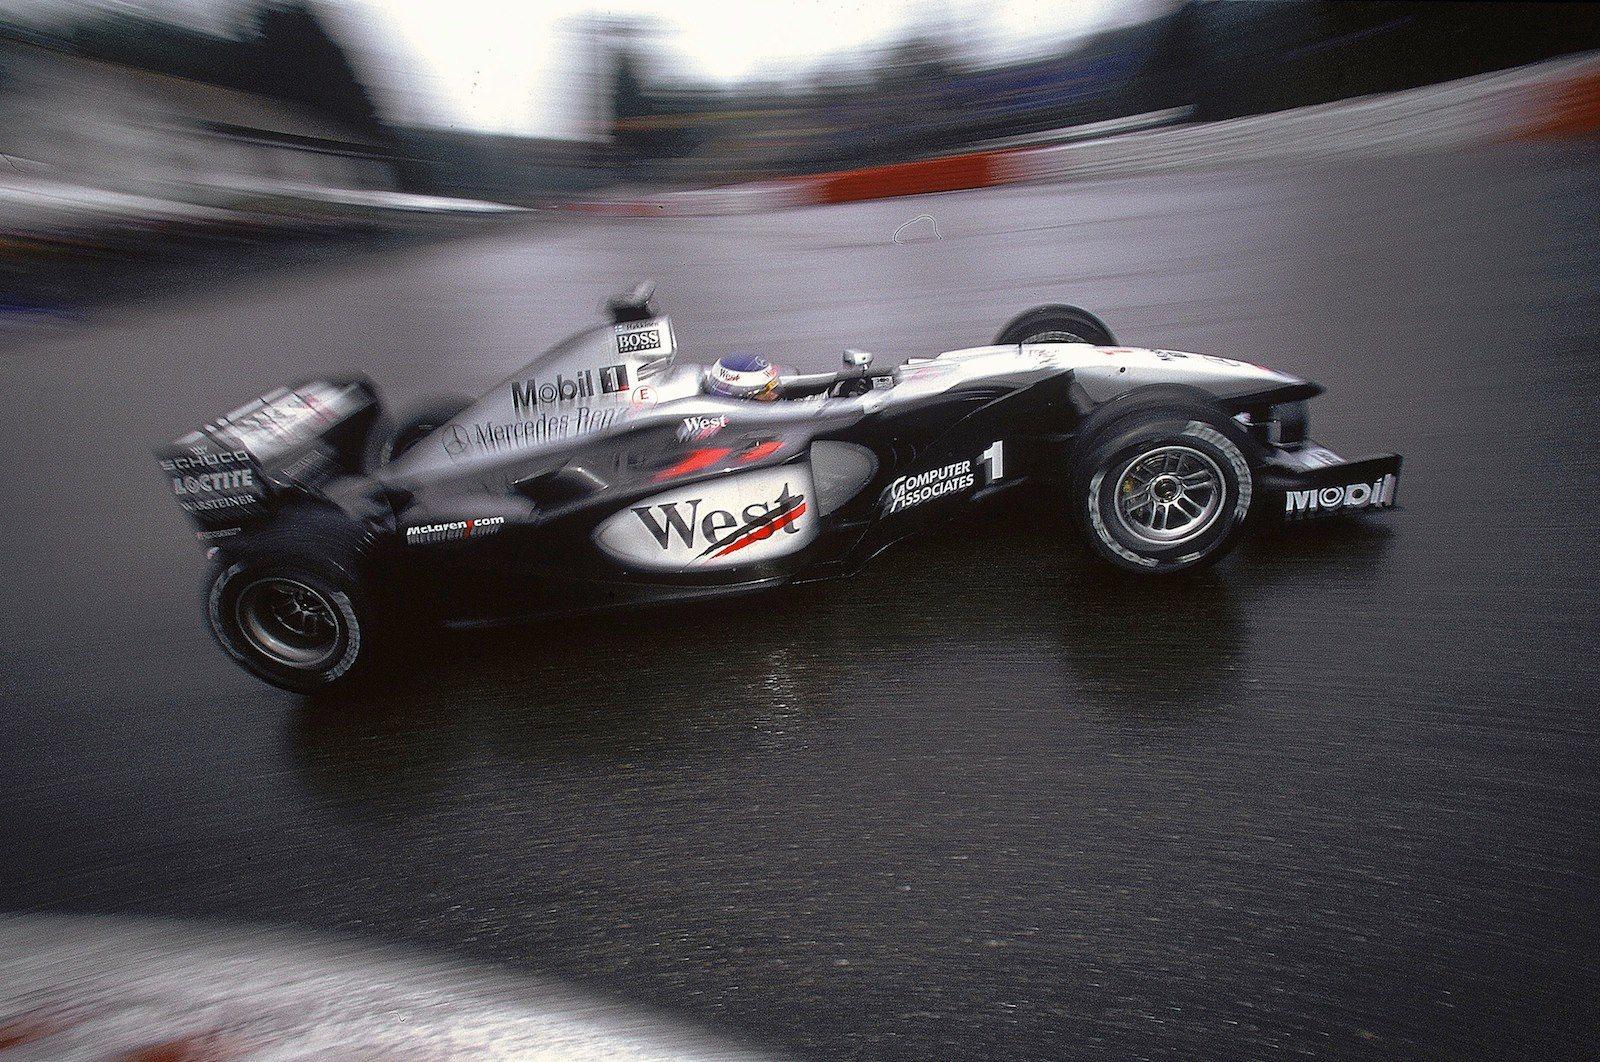 13 Belgian Grand Prix Belgium Circuit de Spa-Francorchamps, Stavelot z9 belgian gp hakkinen (2).jpg